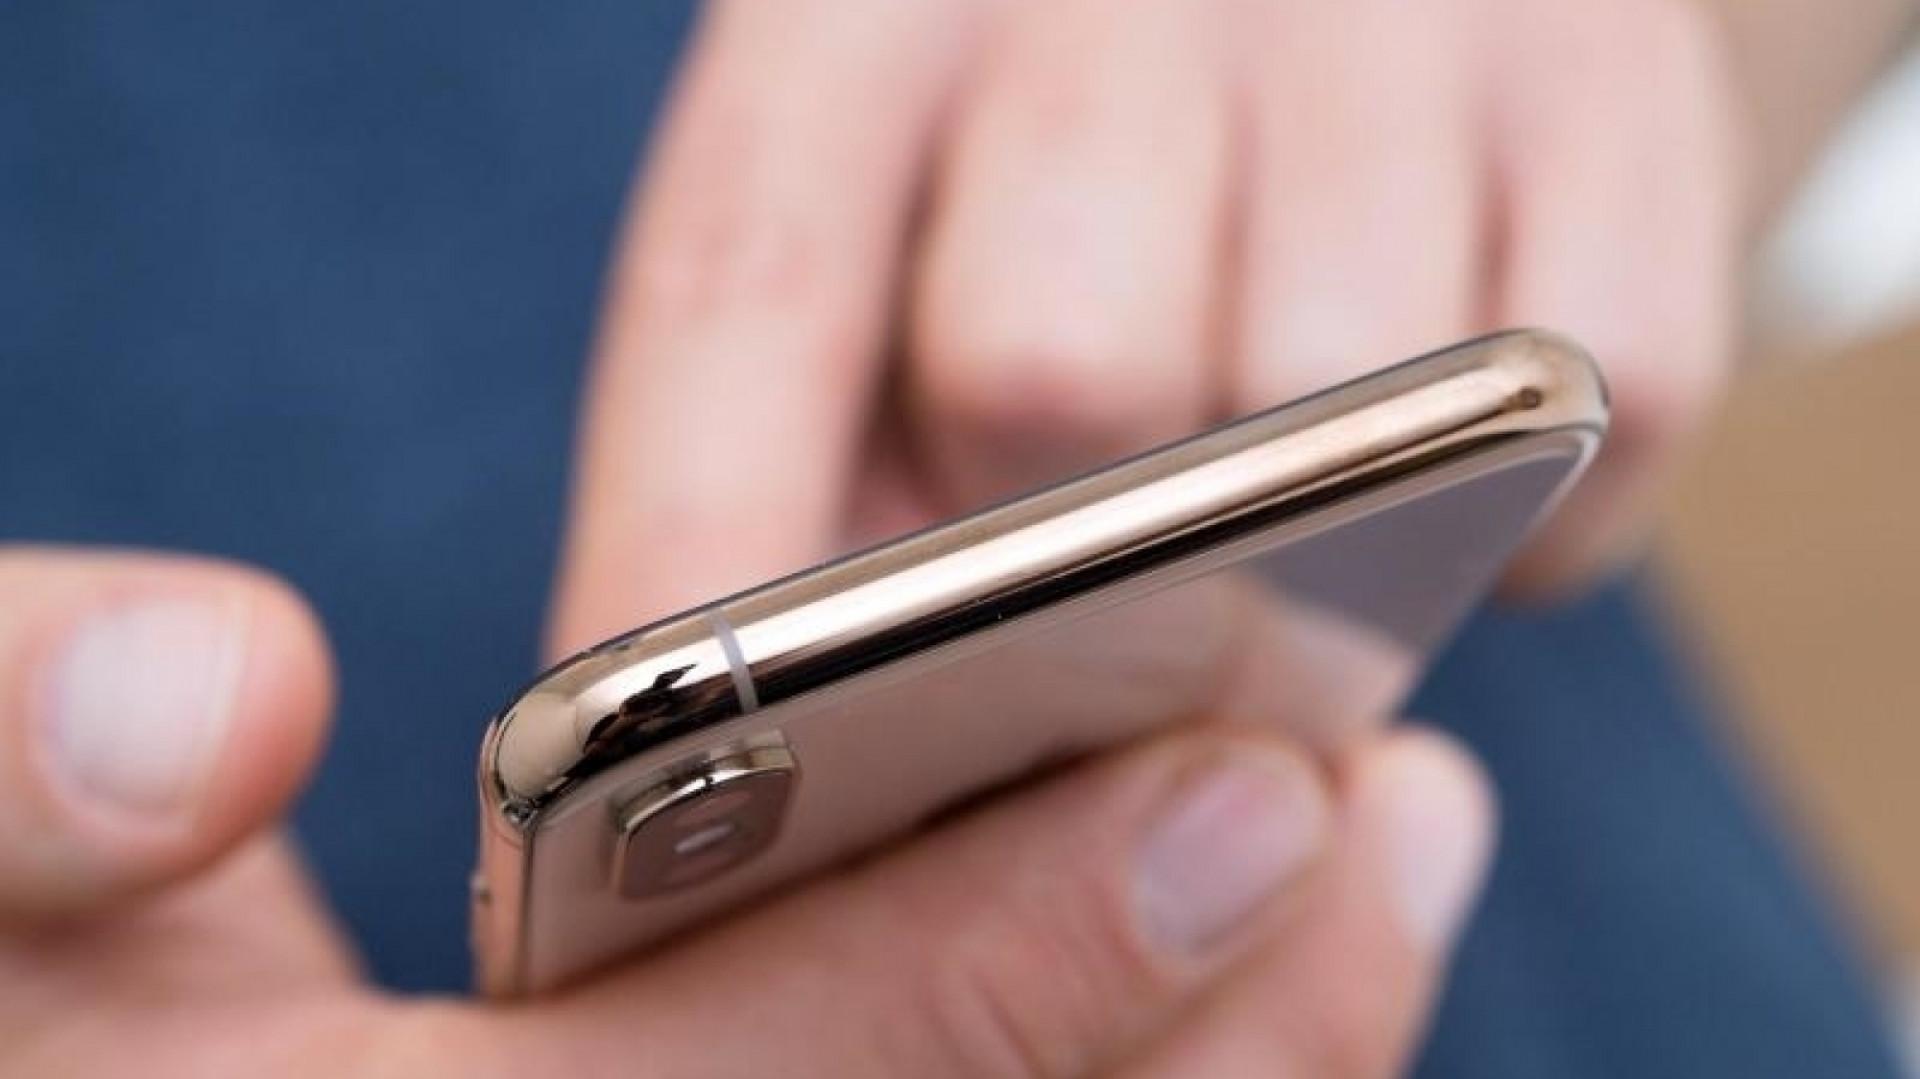 Update-Erwartung an Smartphones liegt bei fünf Jahren